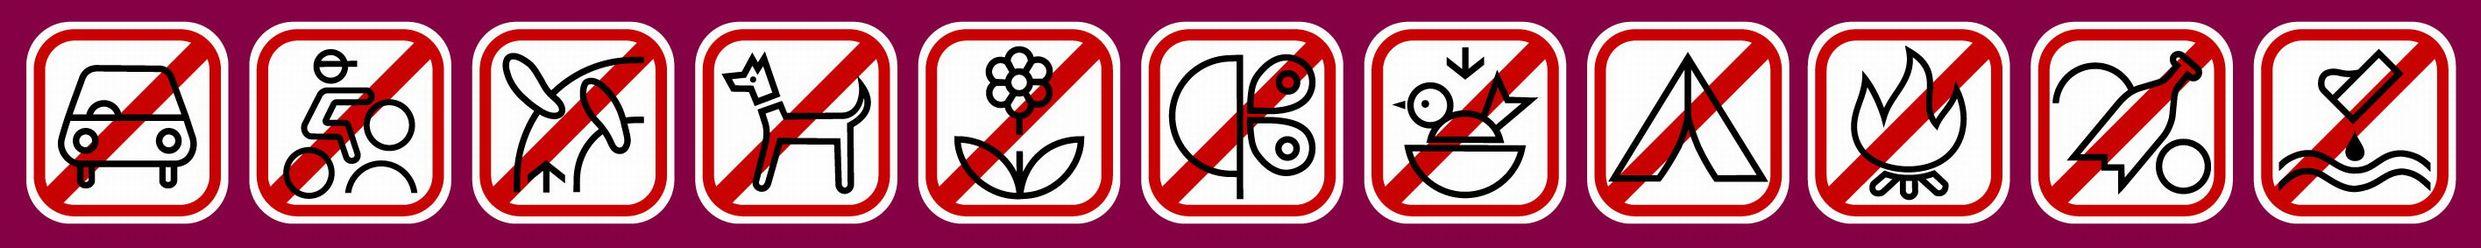 zákazové symboly